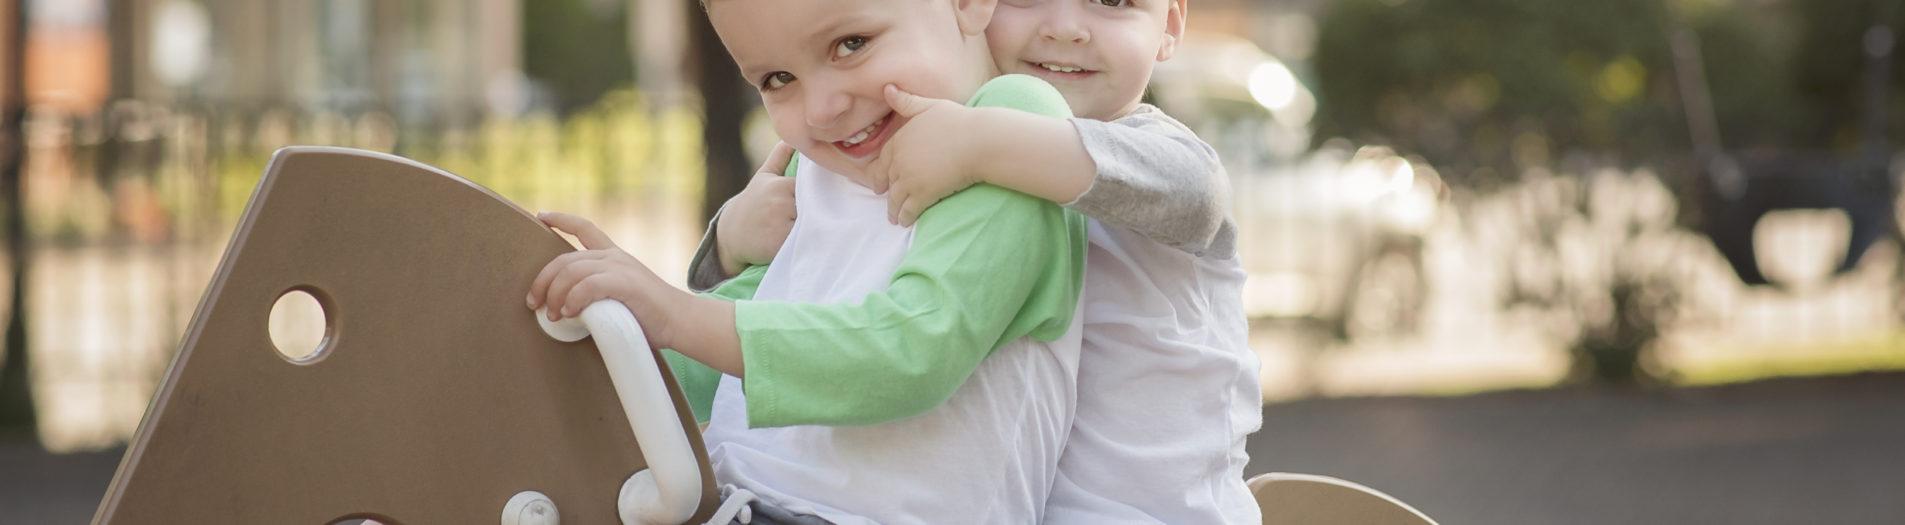 The Bolsinger Boys | Arlington Heights Illinois Family Photographer